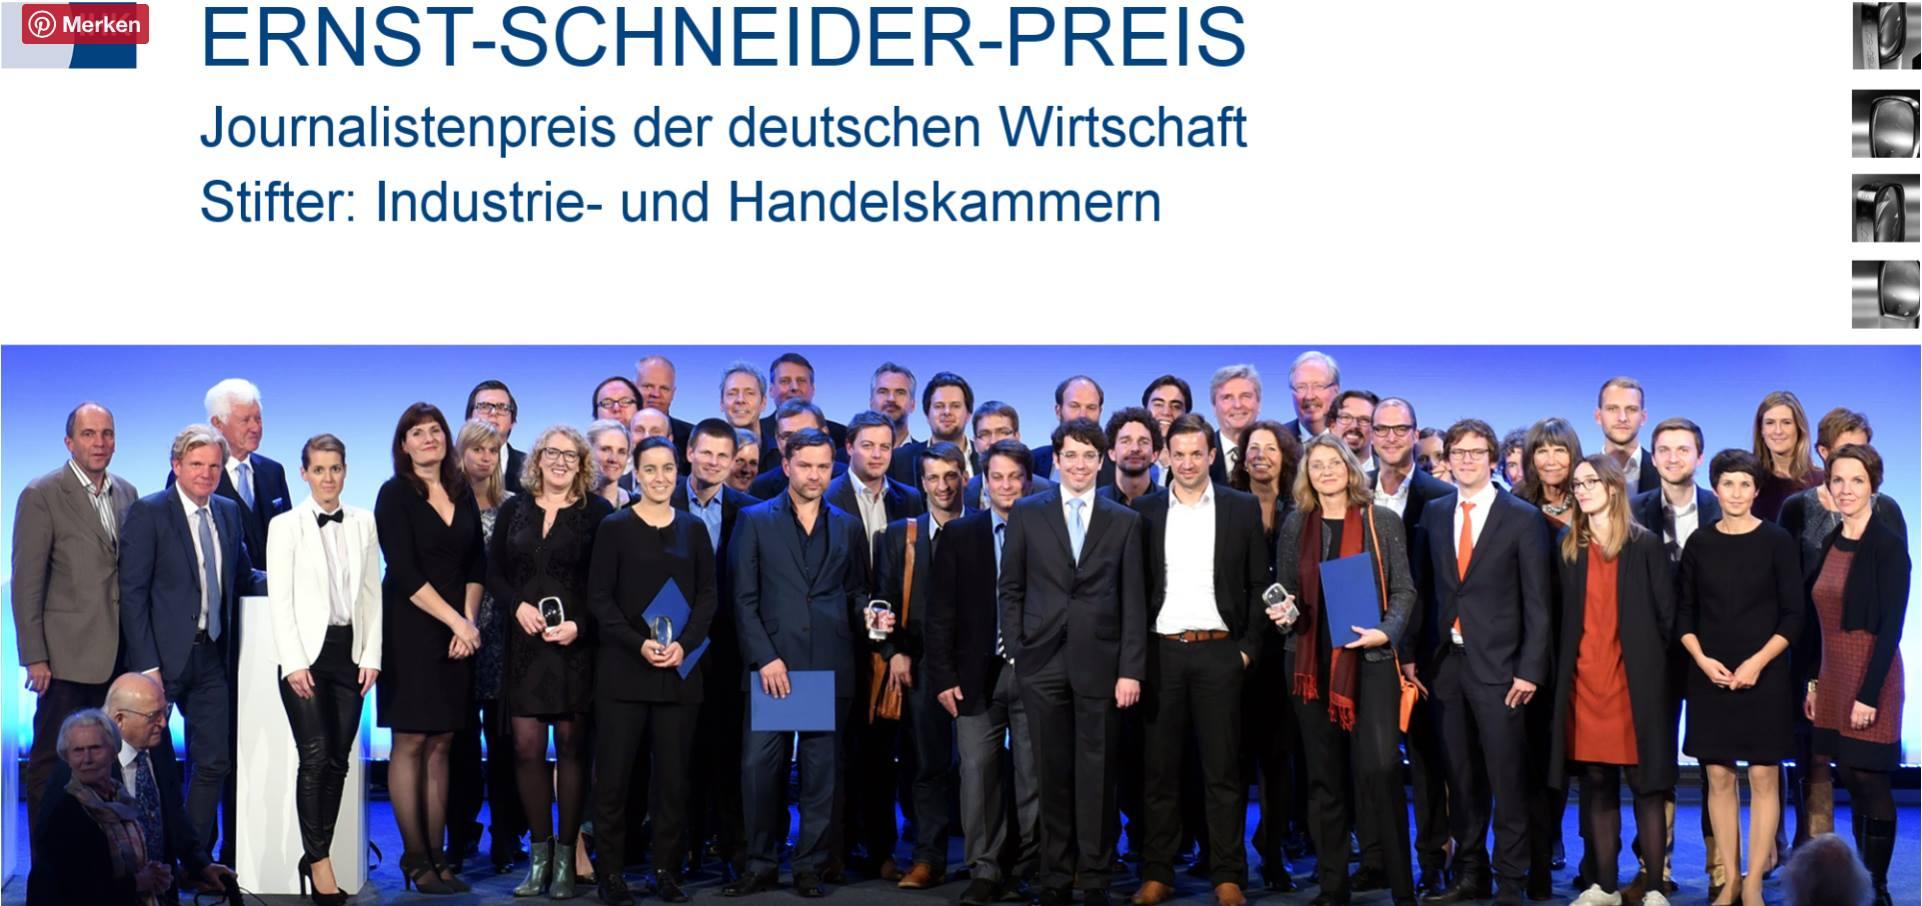 Journalistenpreis der deutschen Wirtschaft – Ernst-Schneider-Preis 2016 Blog